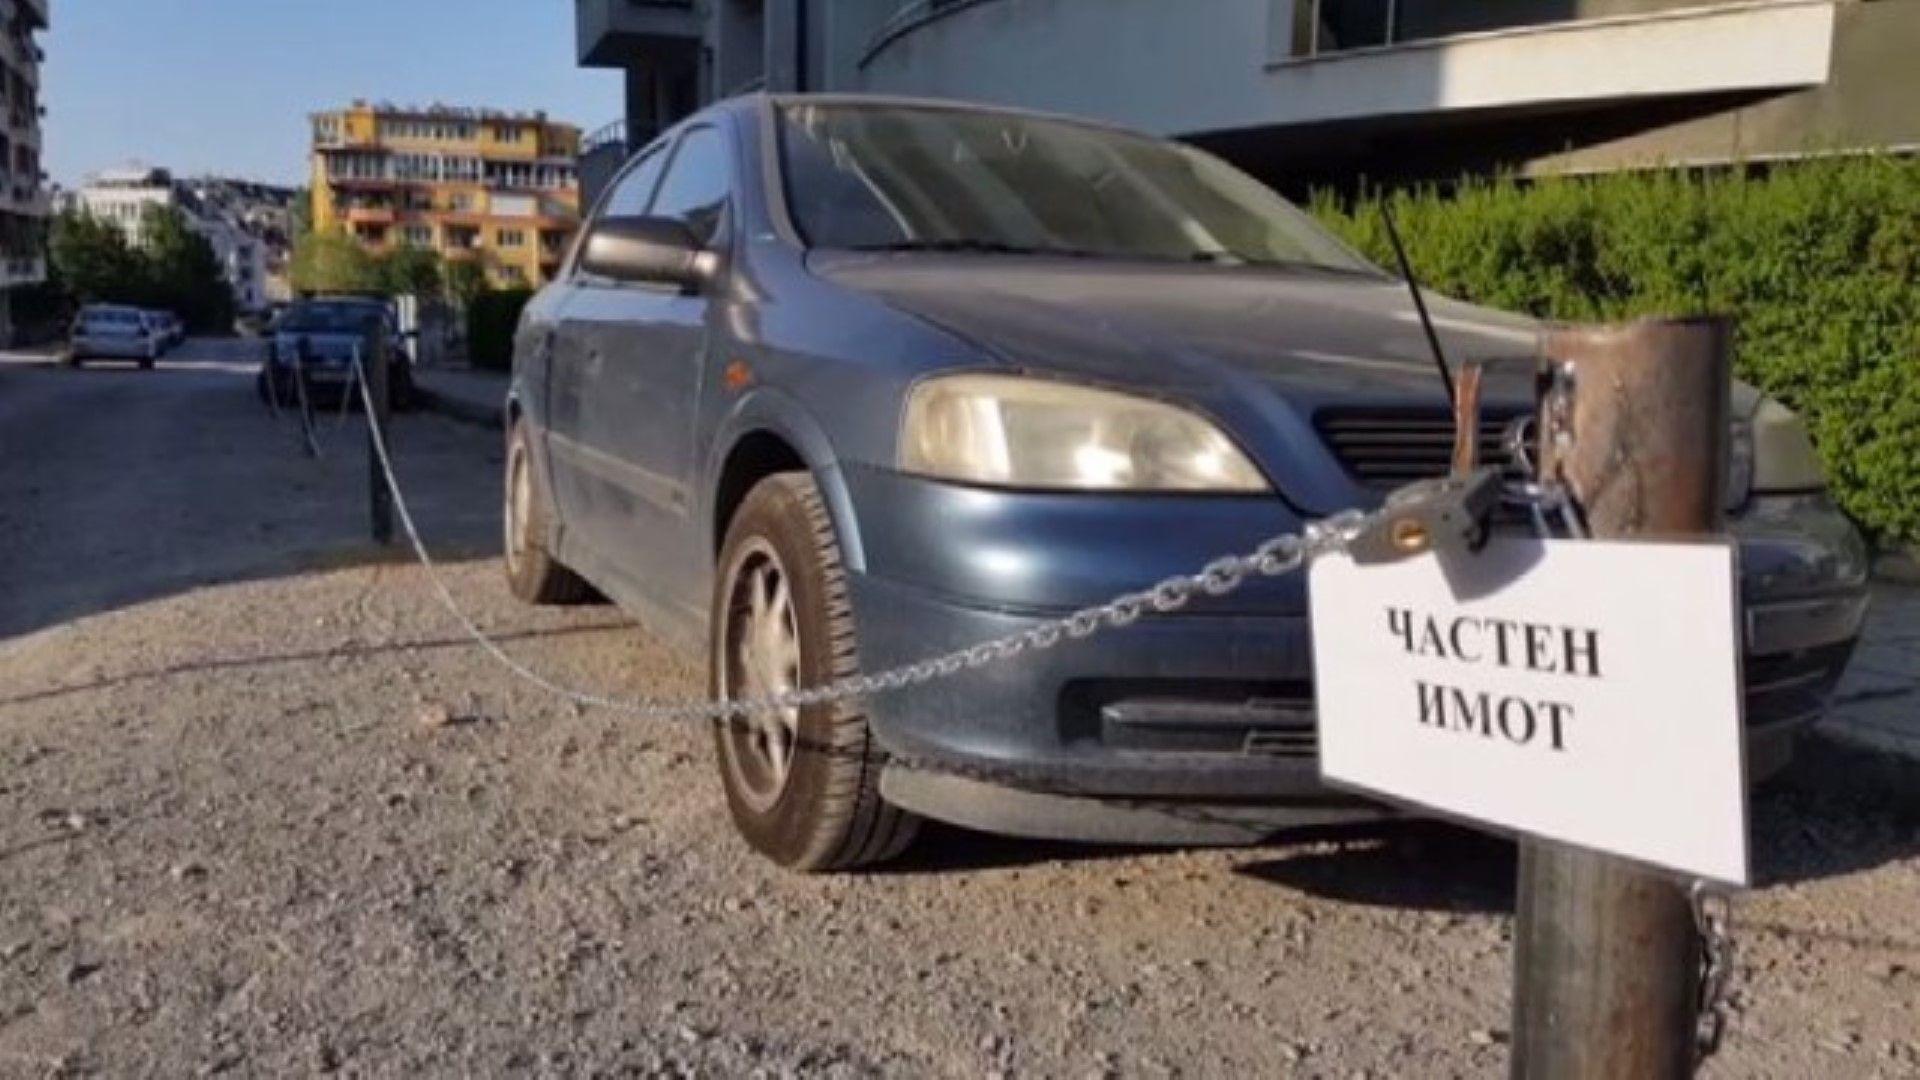 Частен собственик загради част от улица в София... законно